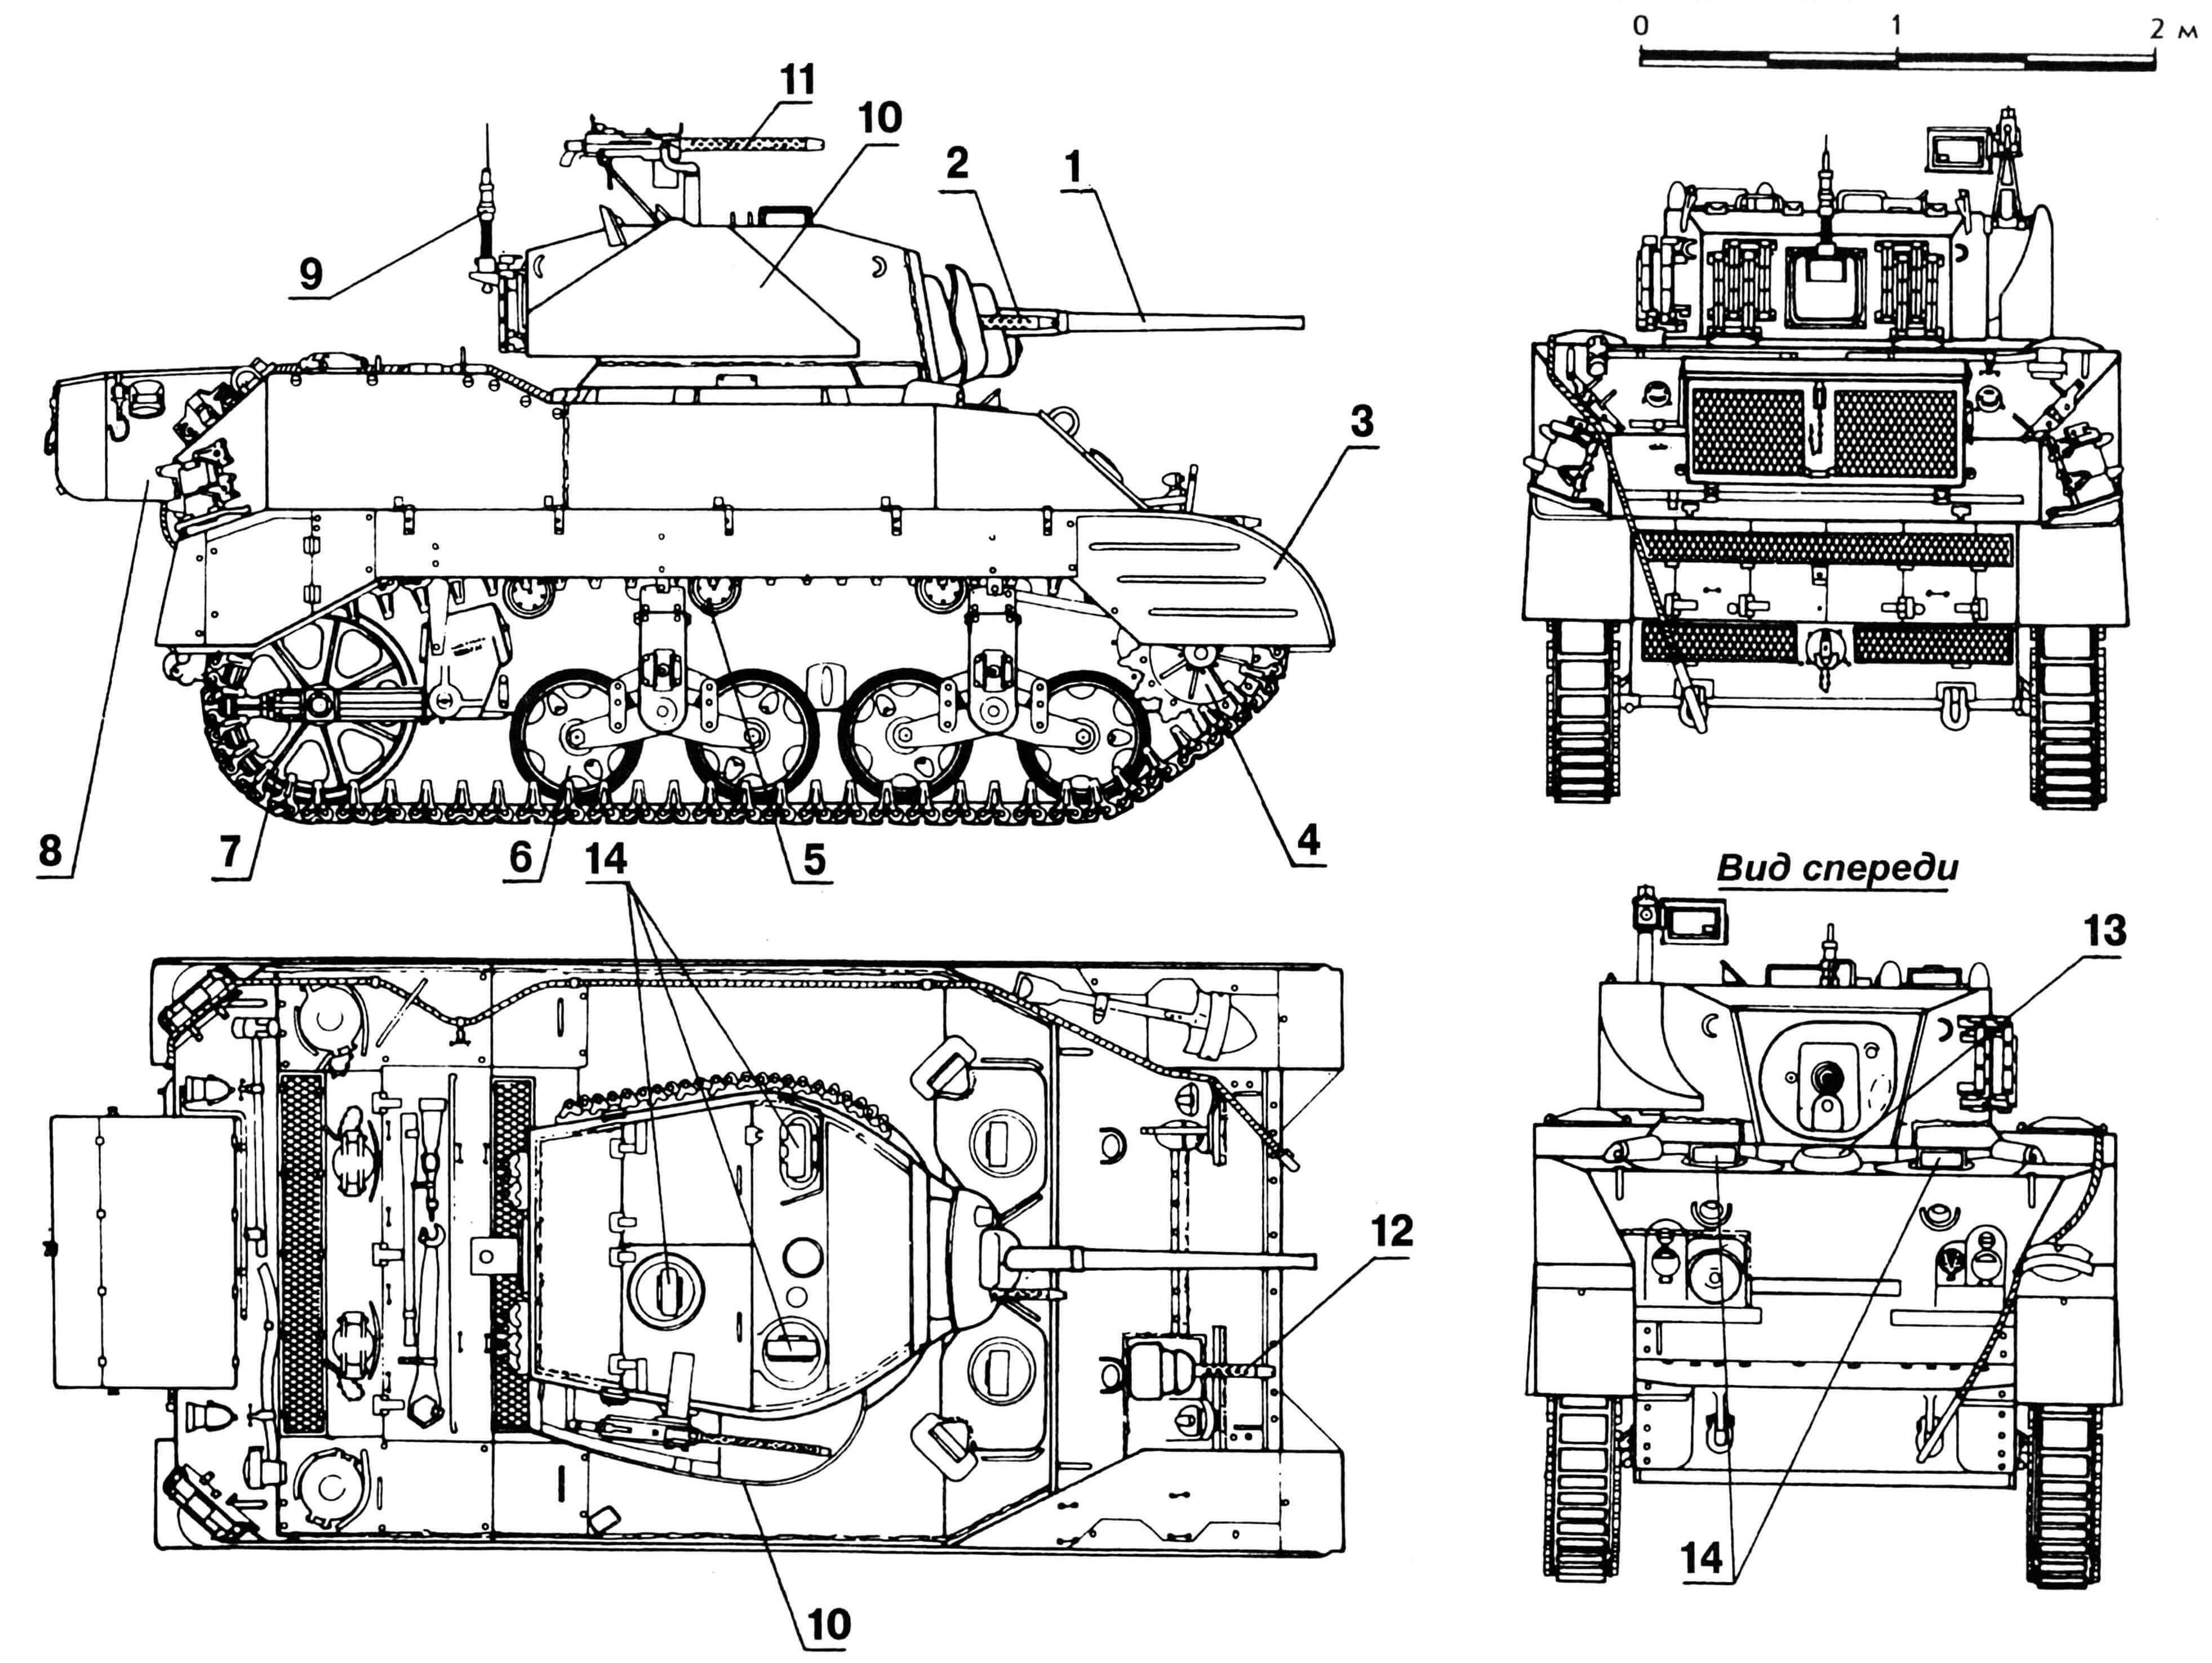 Легкий танк М5А1: 1 — 37-мм пушка, 2 — спаренный пулемет, 3 — фальшборт, 4 — ведущее колесо, 5 — поддерживающий каток, 6 — опорный каток, 7 — направляющее колесо, 8 — ящик для амуниции и ЗИПа, 9 — антенна, 10 — броневое прикрытие кронштейна зенитного пулемета, 11 — зенитный пулемет, 12 — курсовой пулемет, 13 — колпак вентилятора, 14 — смотровые приборы.